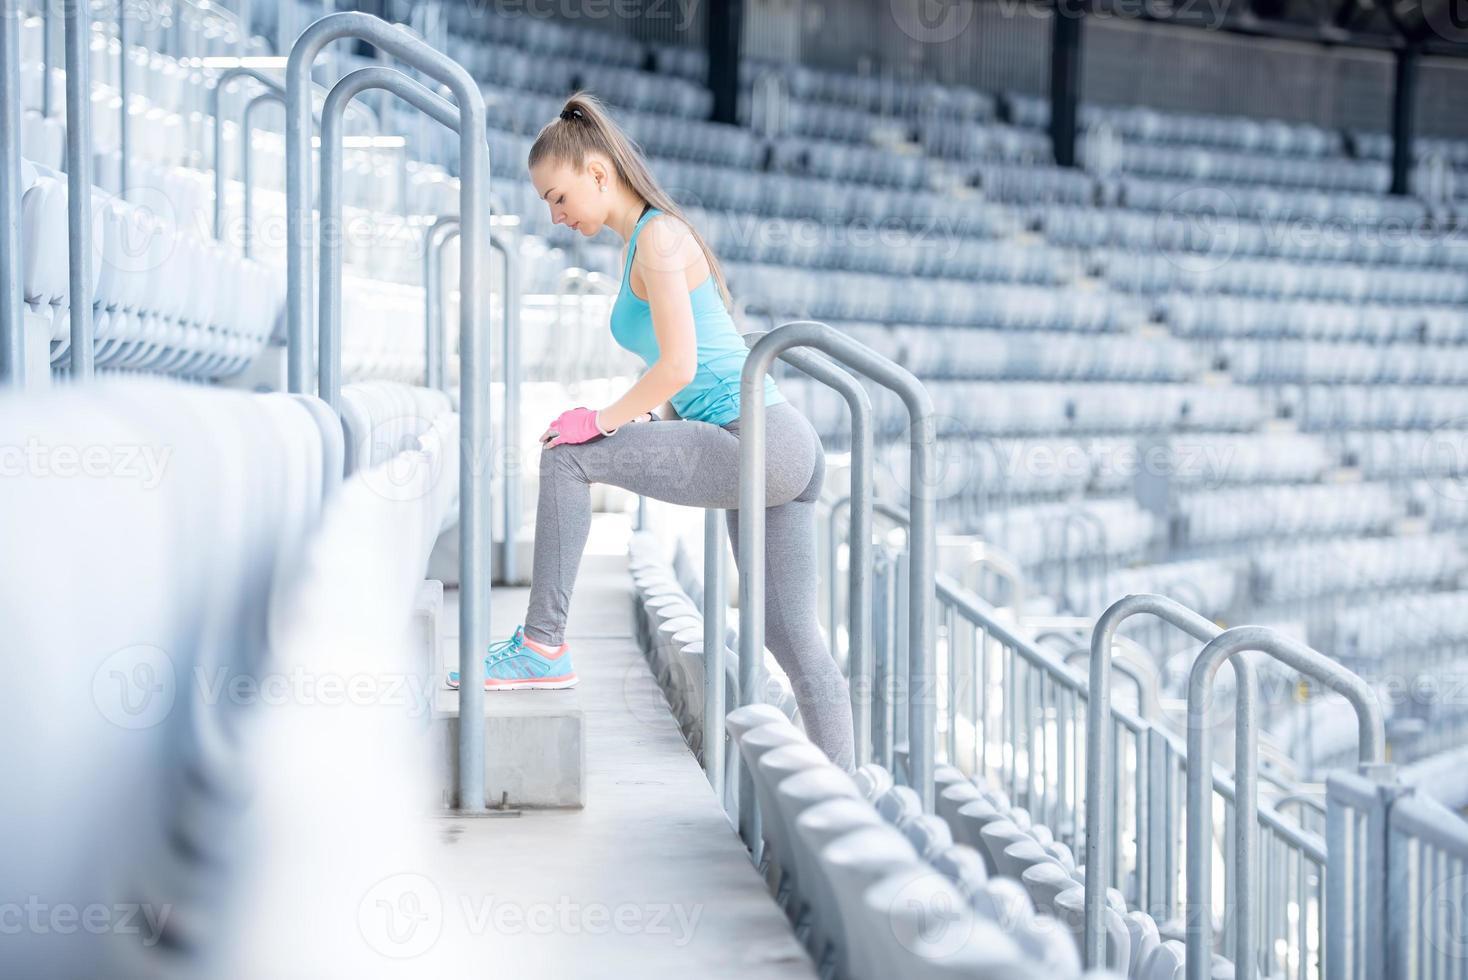 Entrenador de fitness femenino preparándose para entrenar, estirar y hacer sentadillas foto